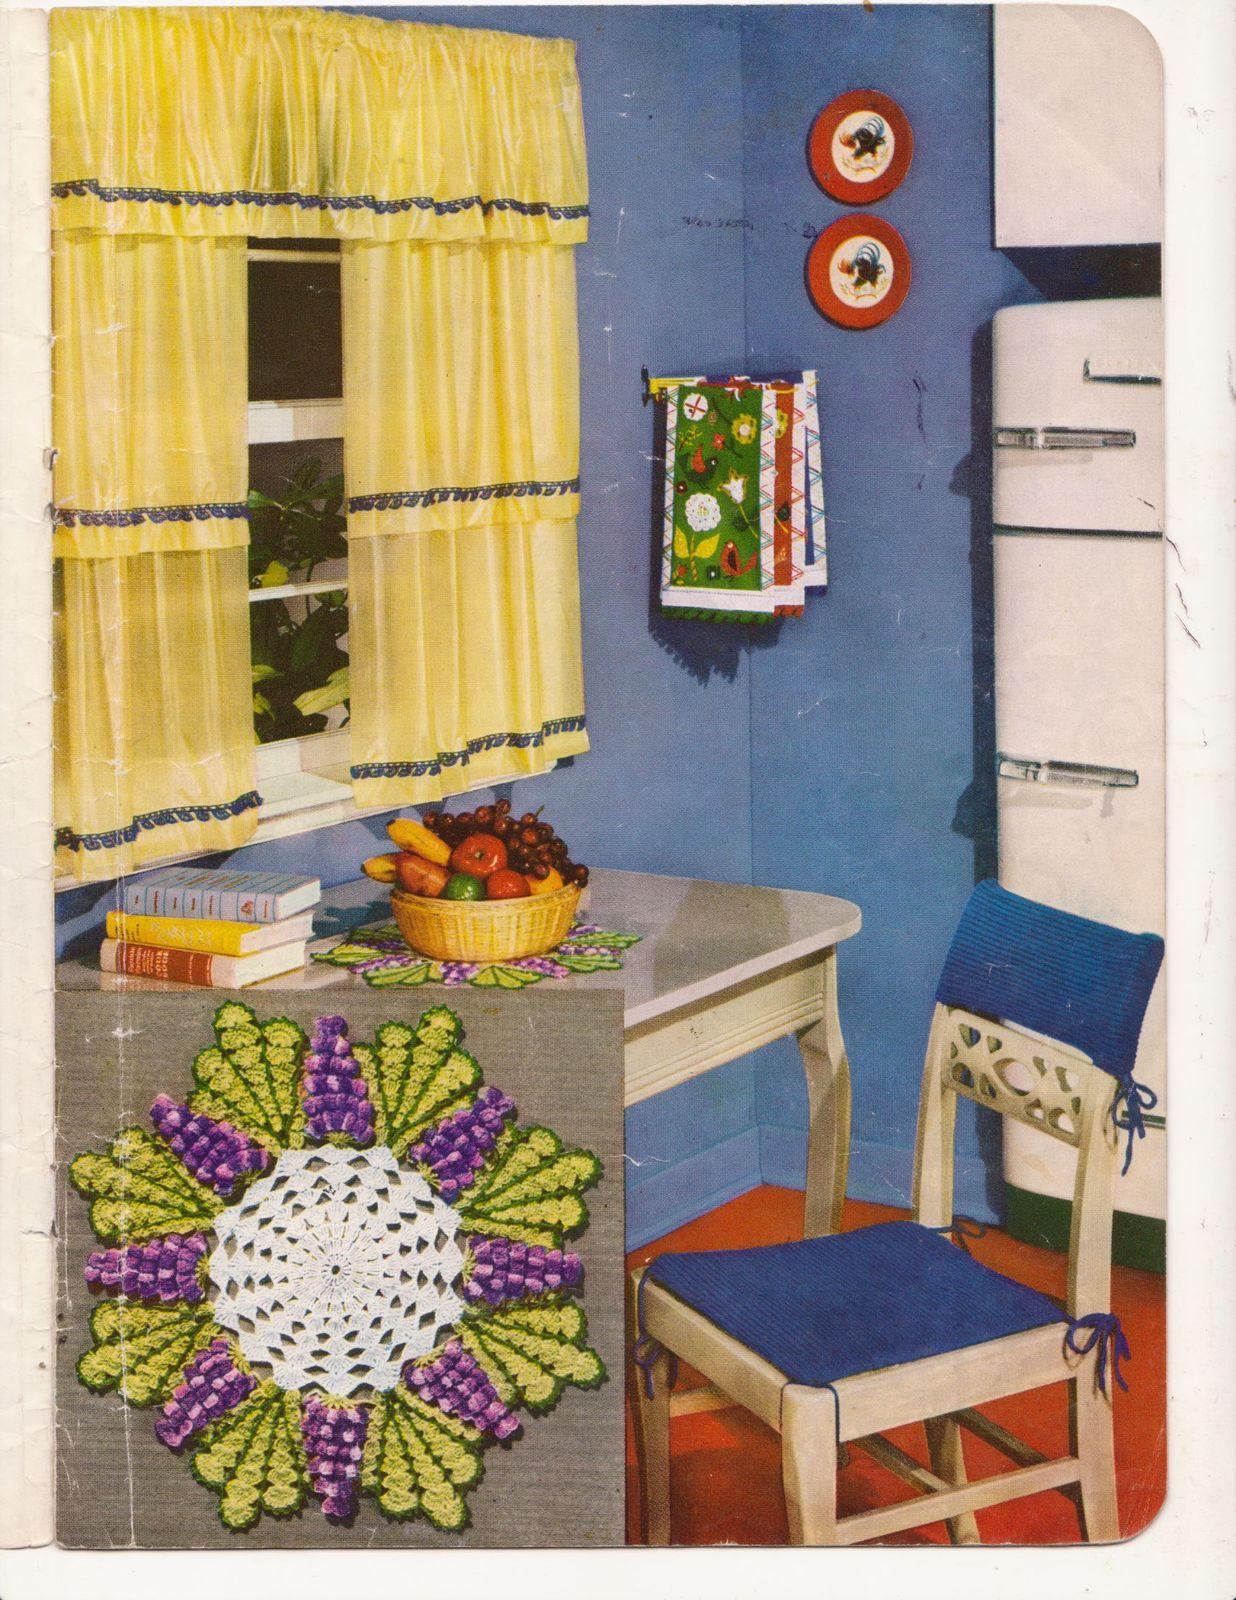 quick tricks in crochet vintage crochet patterns novelty gifts home decor patterns vintage. Black Bedroom Furniture Sets. Home Design Ideas